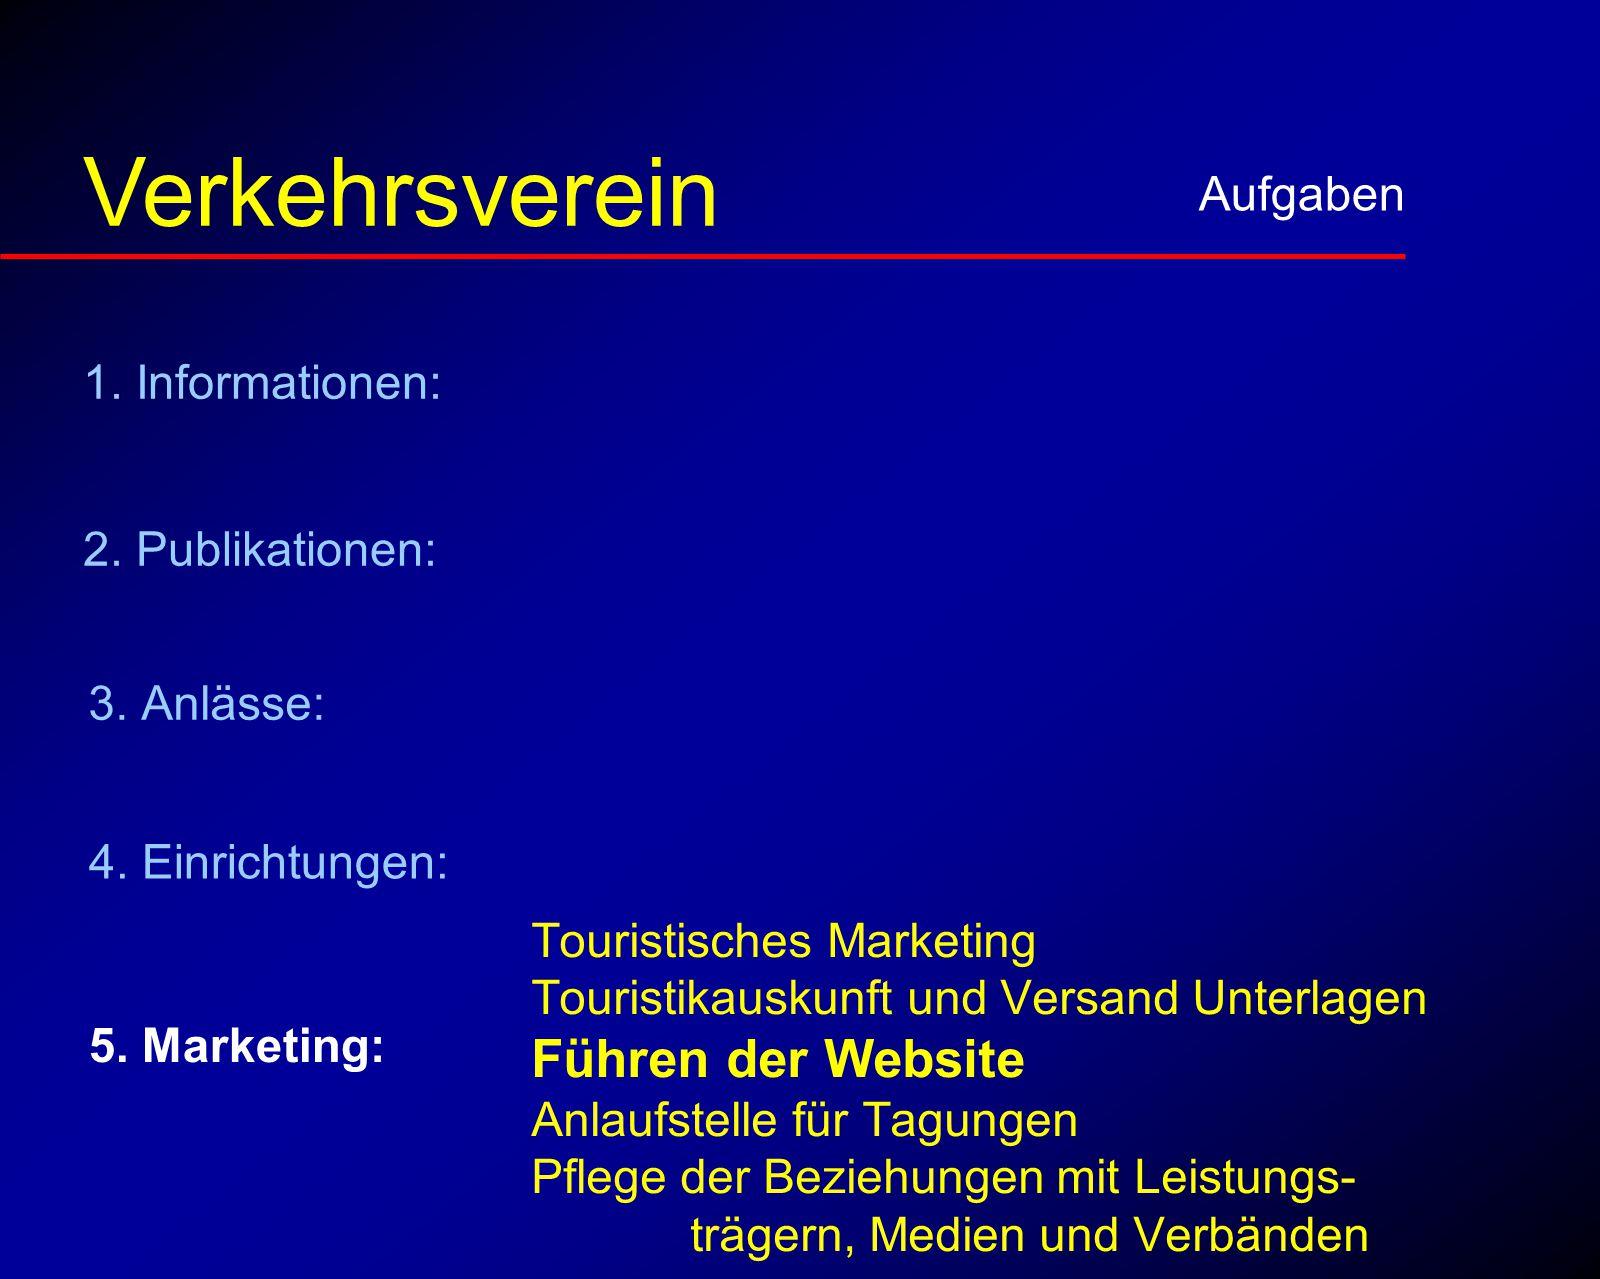 Marketing Aufgaben Verkehrsverein Touristisches Marketing Touristikauskunft und Versand Unterlagen Führen der Website Anlaufstelle für Tagungen Pflege der Beziehungen mit Leistungs- trägern, Medien und Verbänden 5.